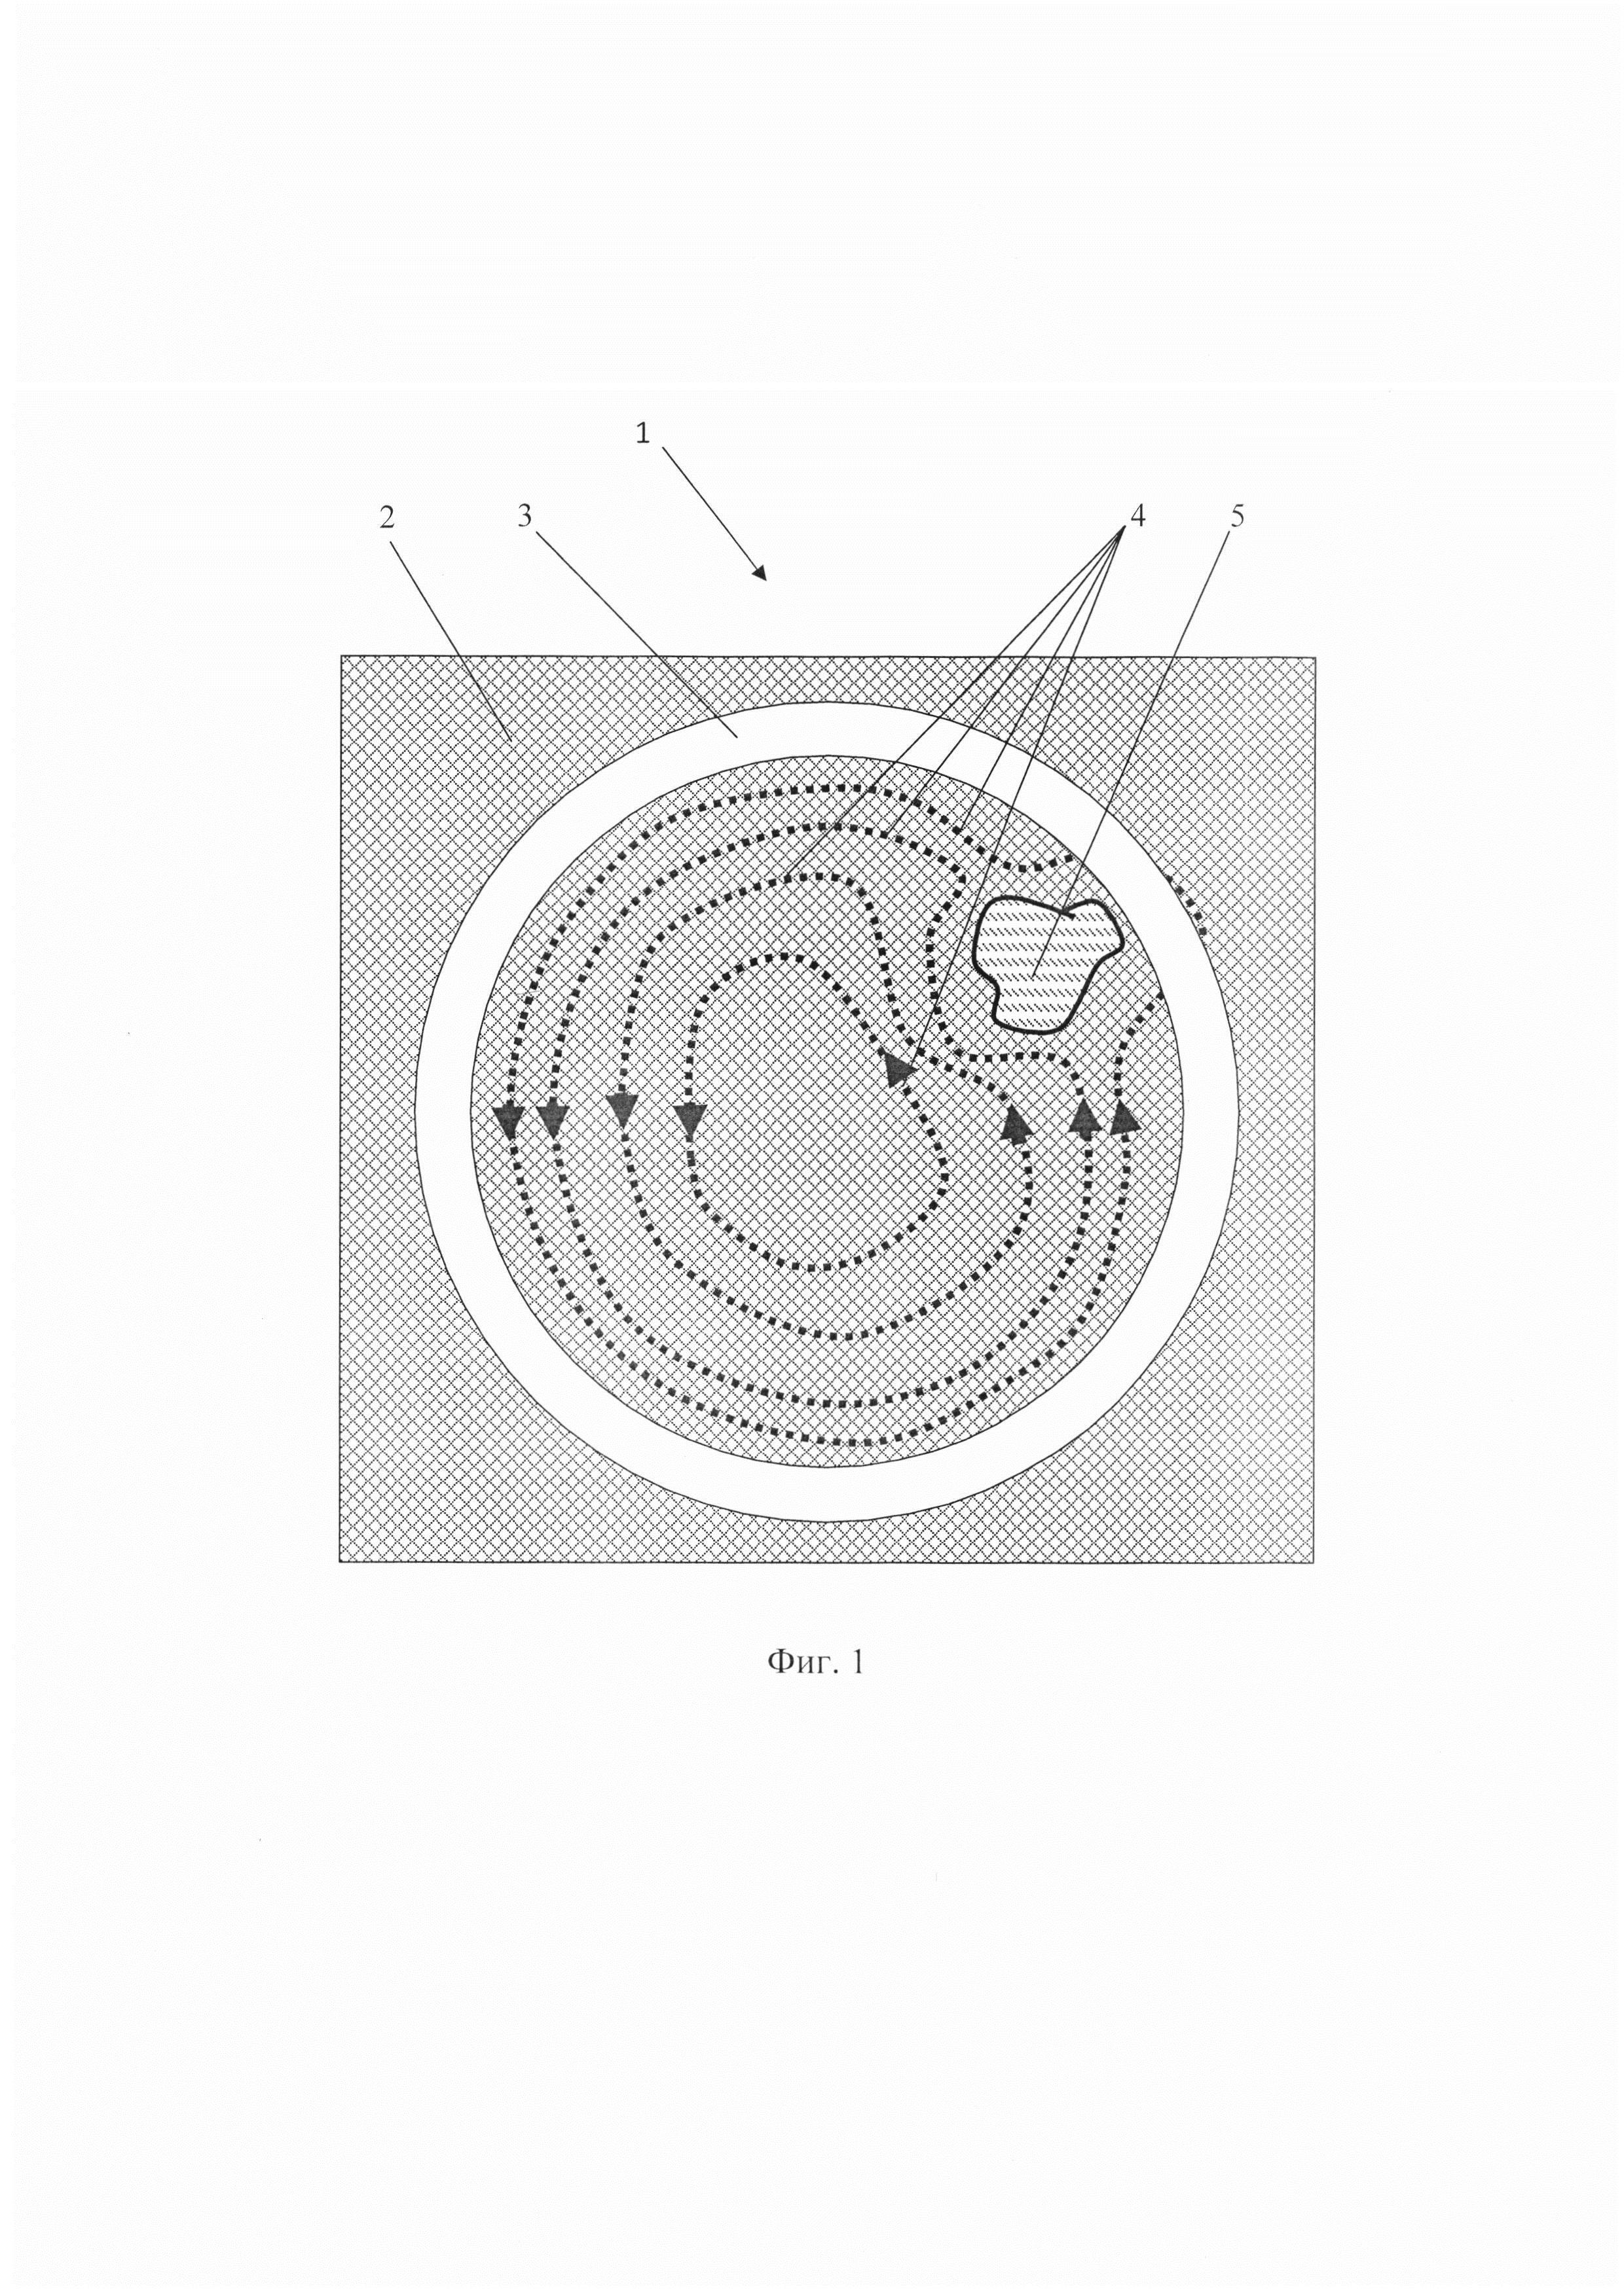 Способ неразрушающего контроля изделий из композиционных материалов, содержащих углеродное волокно